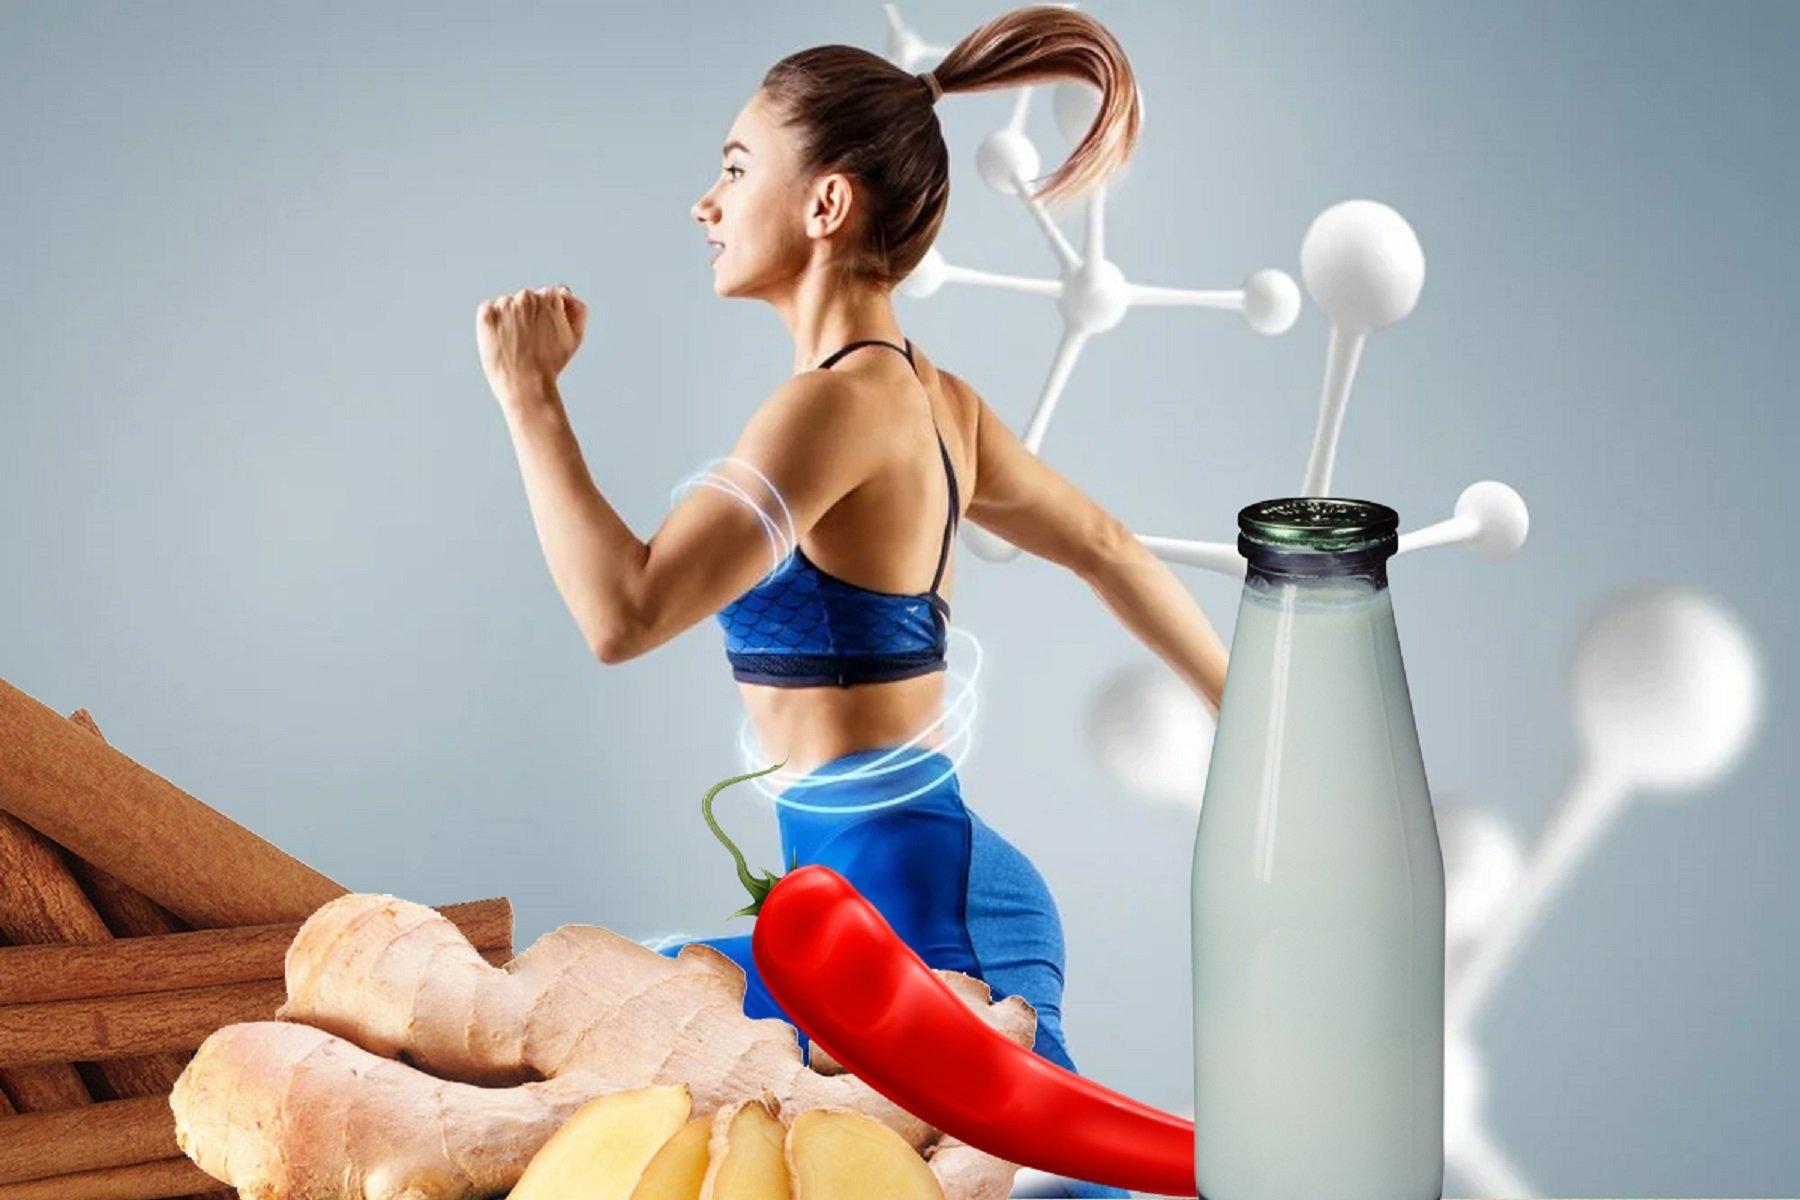 Форум Как Ускорить Метаболизм Для Похудения. Как разогнать метаболизм человеку после 50 лет: рекомендации врачей, препараты, витамины, диета, улучшающая обмен веществ организма, народные рецепты, отзывы